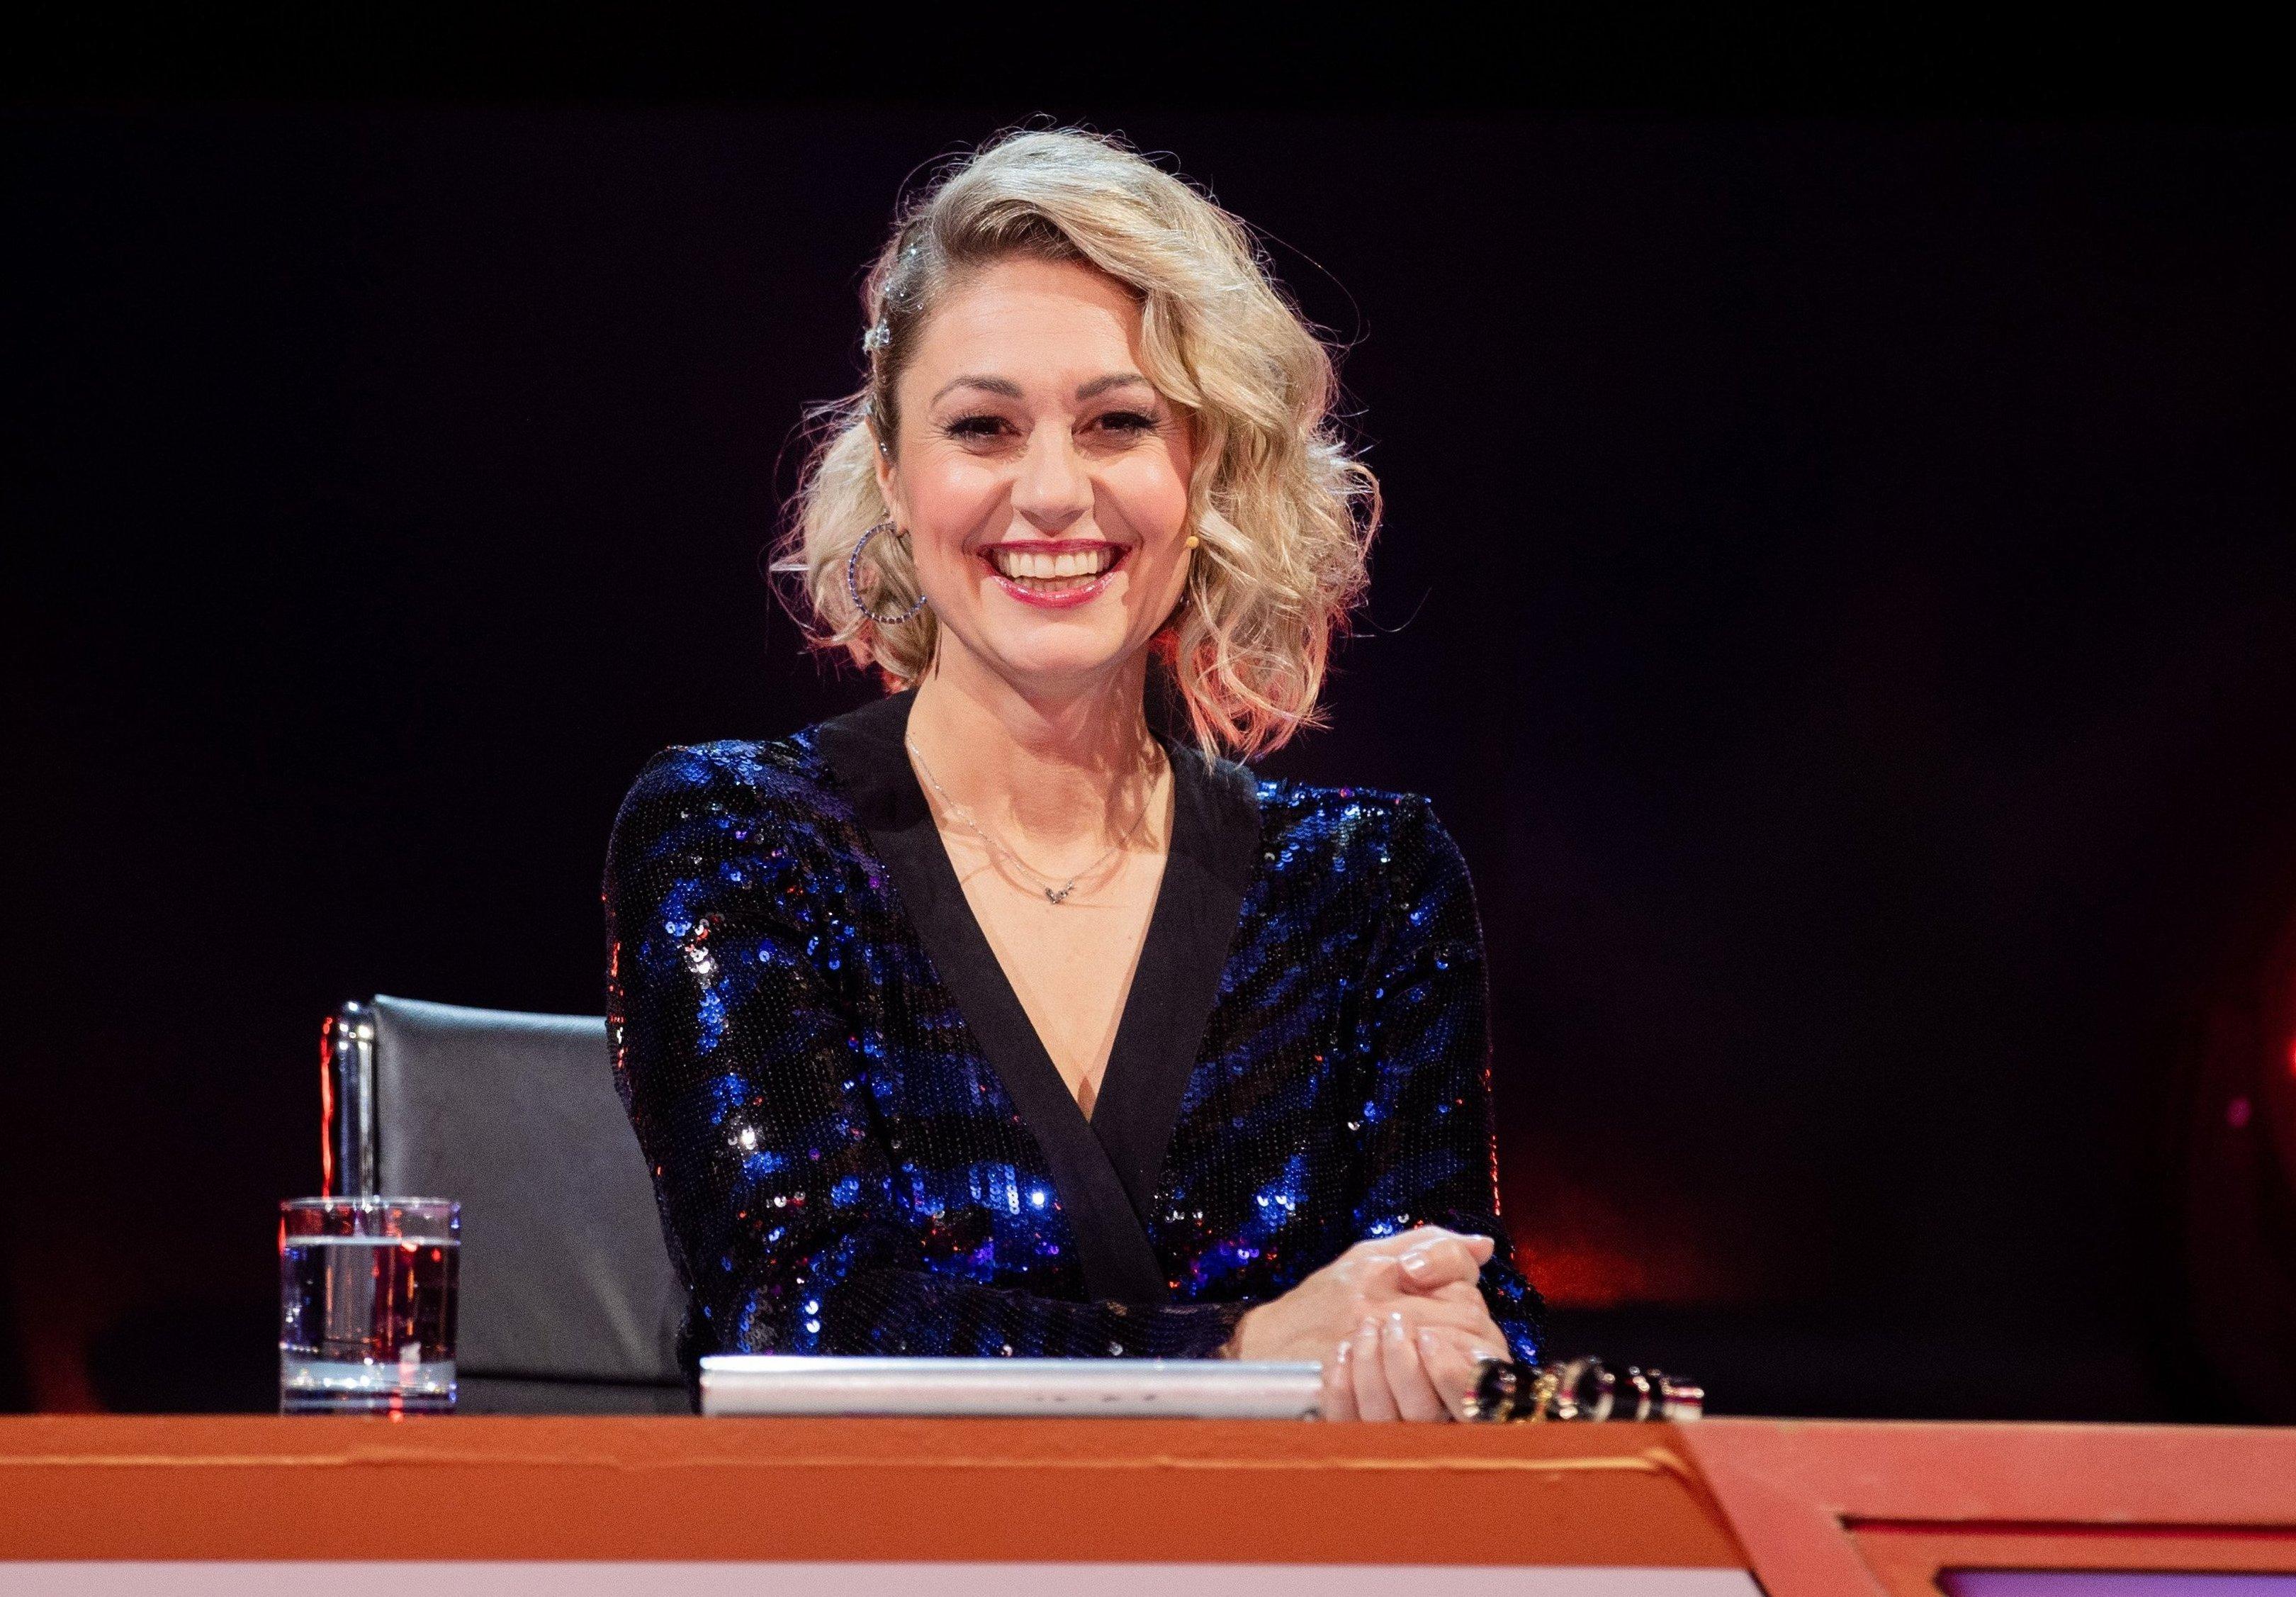 """Fremdschäm-Moment beim """"Deutschen Fernsehpreis"""": Gag mit Ruth Moschner empört RTL-Publikum - """"Tiefpunkt"""""""